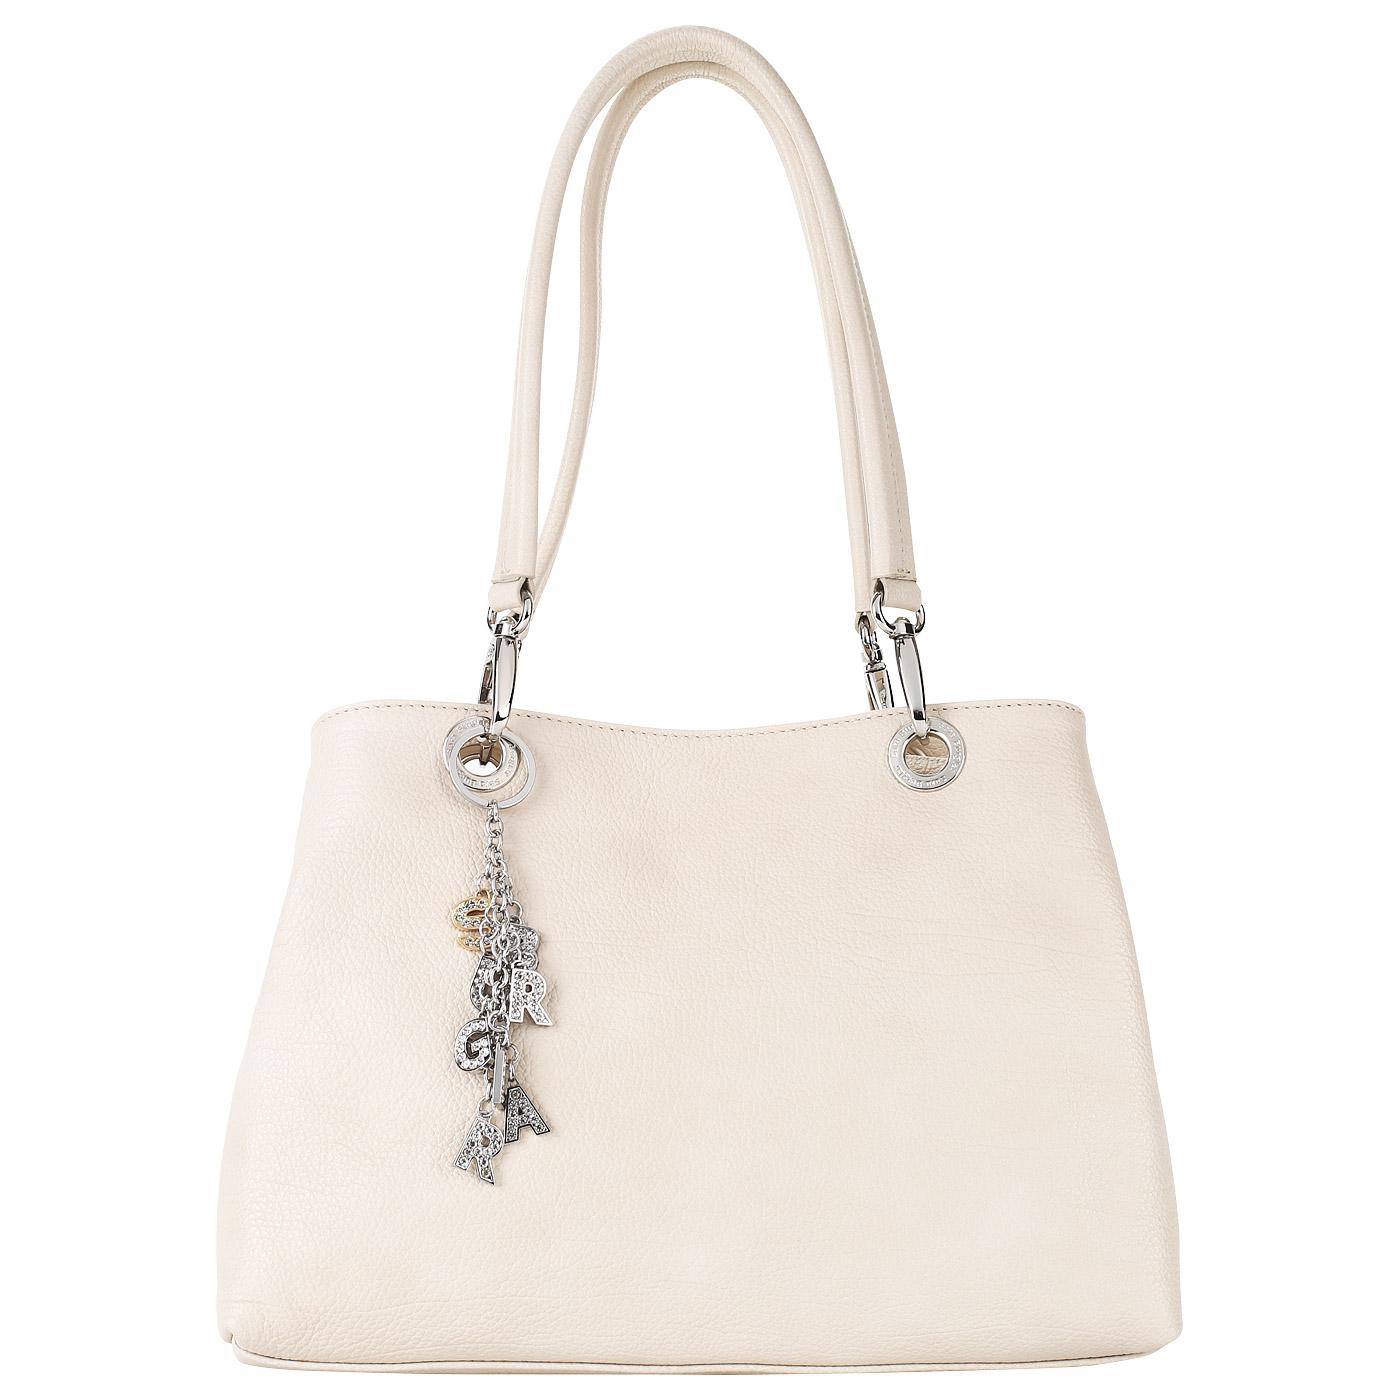 6bf10dc3bbf7 ... Женская сумка из натуральной кожи Sara Burglar Ariel seul ...